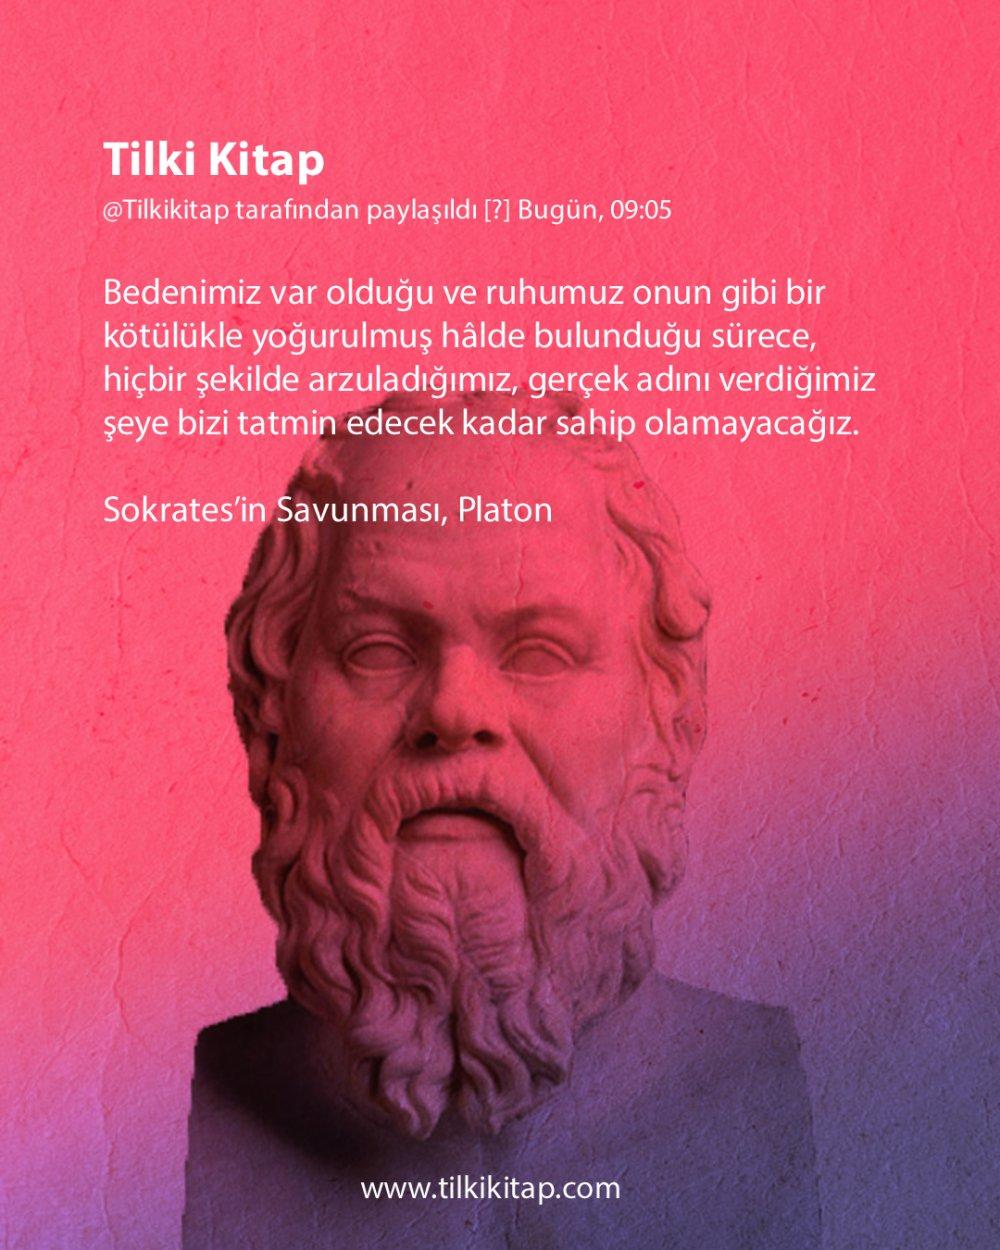 Sokrates`in Savunması, Sokrates`in Savunması Platon, Platon, Sokrates, Filozof, Filozof Sokrates, Tilki Kitap, Tilki Kitap Yayınevi, Alıntı, Sokrates